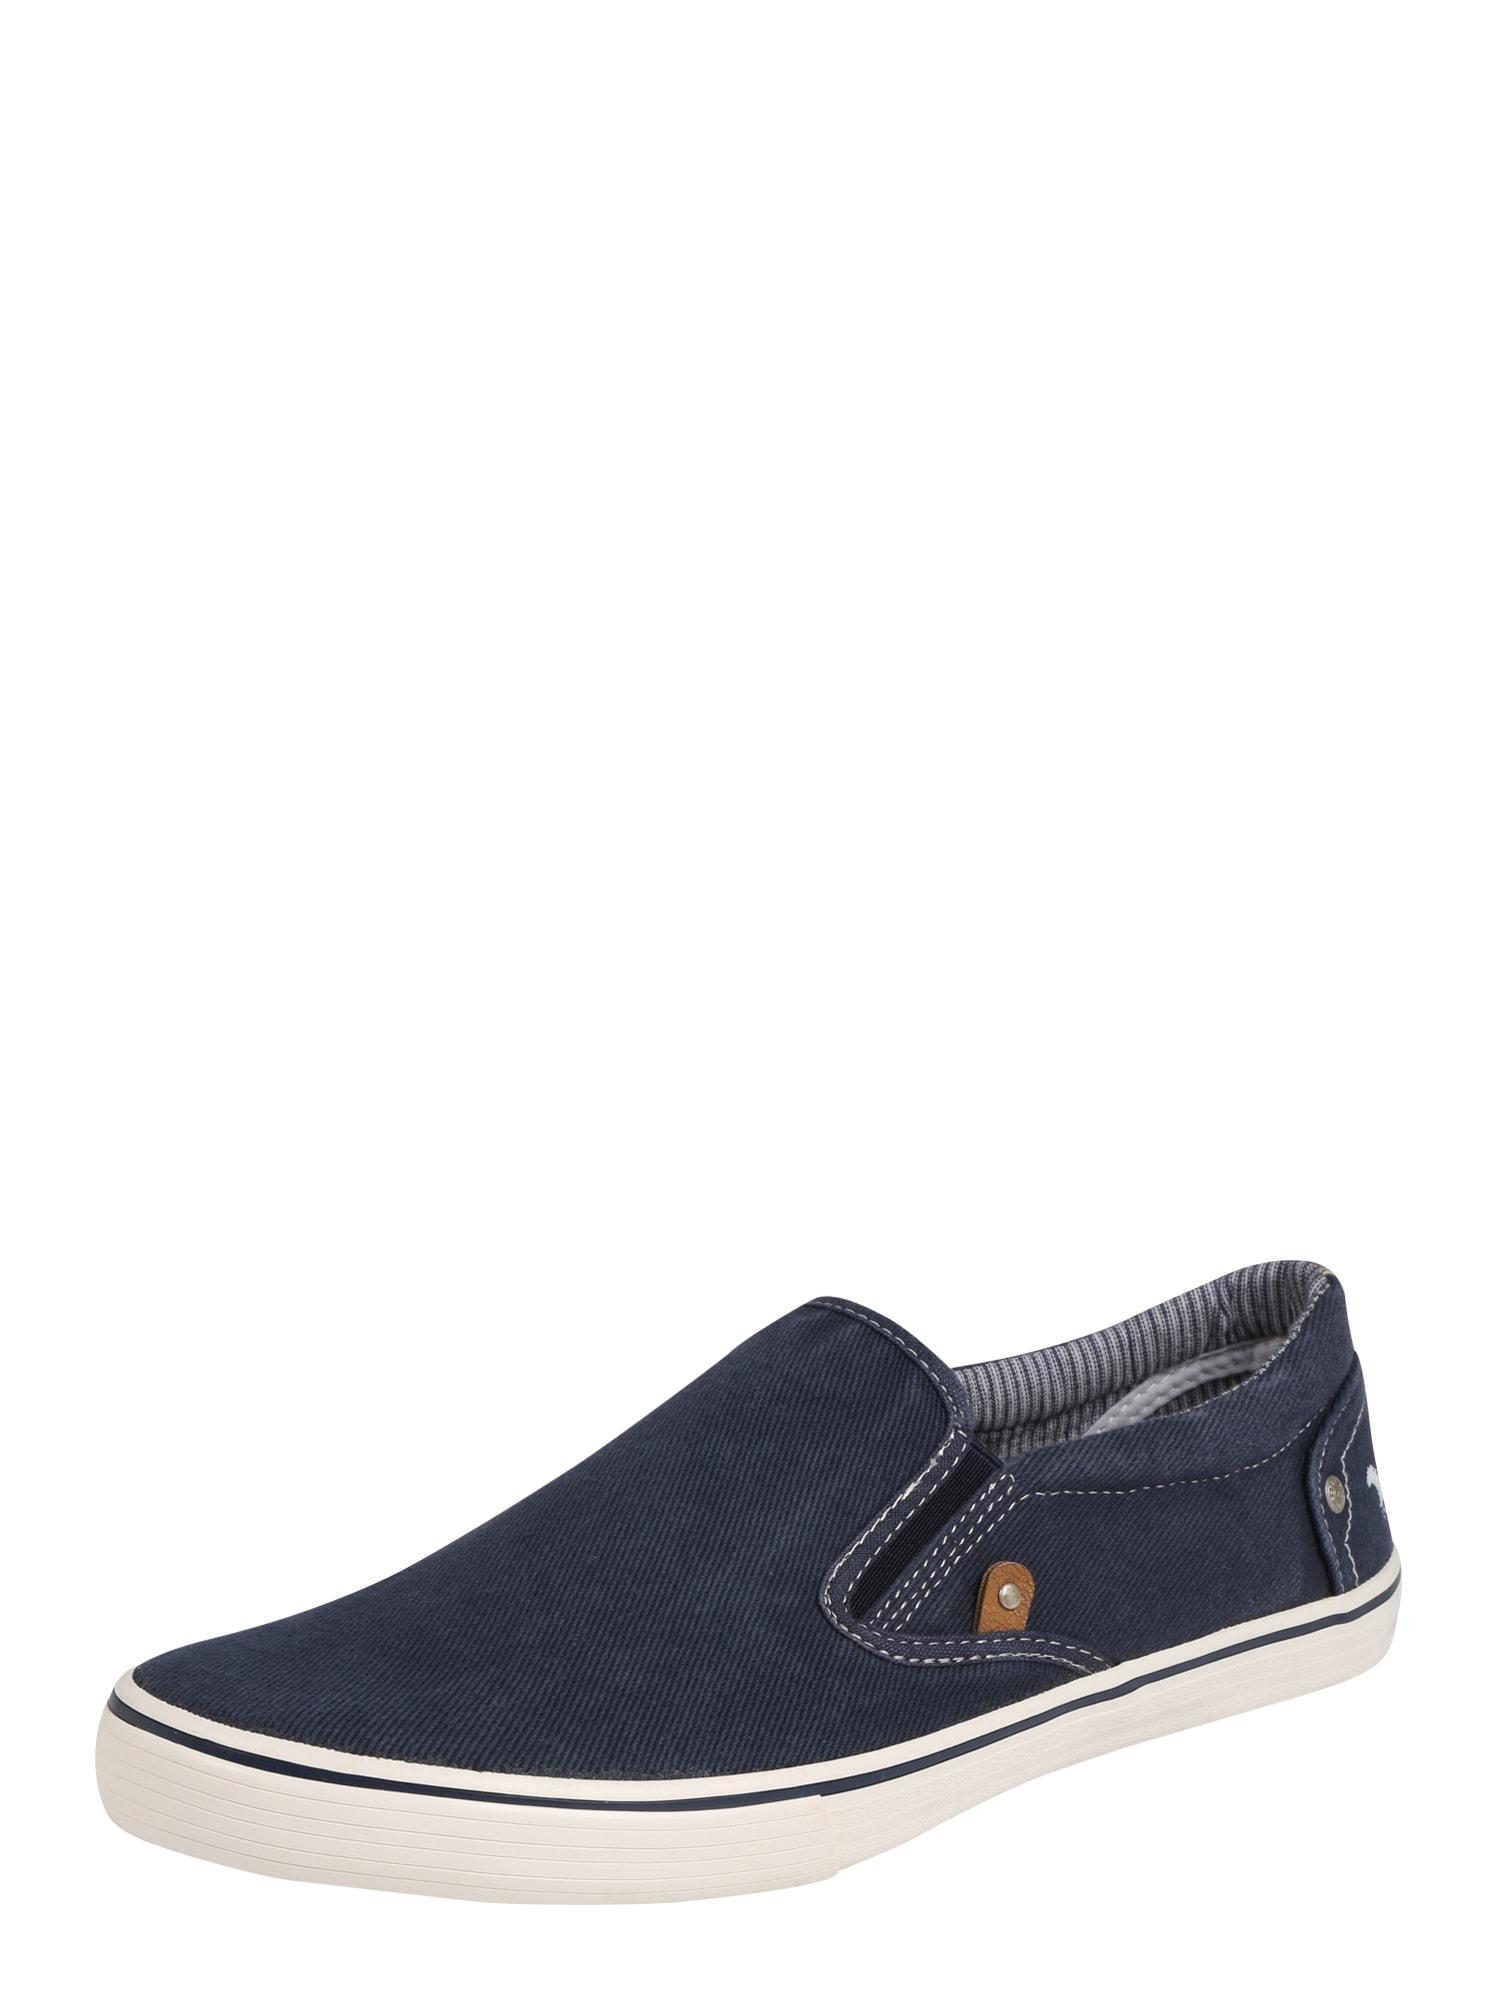 Slip on boty tmavě modrá MUSTANG